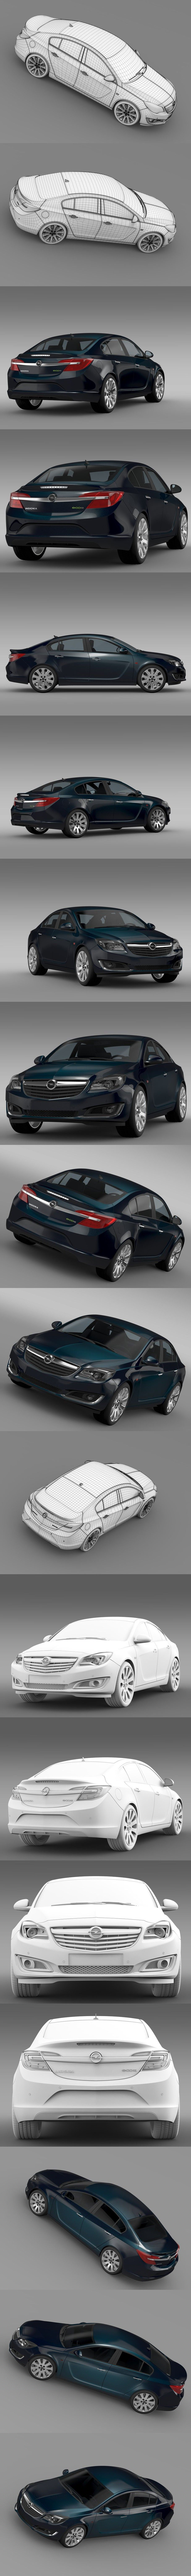 Opel Insignia Ecoflex 2015 With Images Chevrolet Silverado Vignette Design Silverado